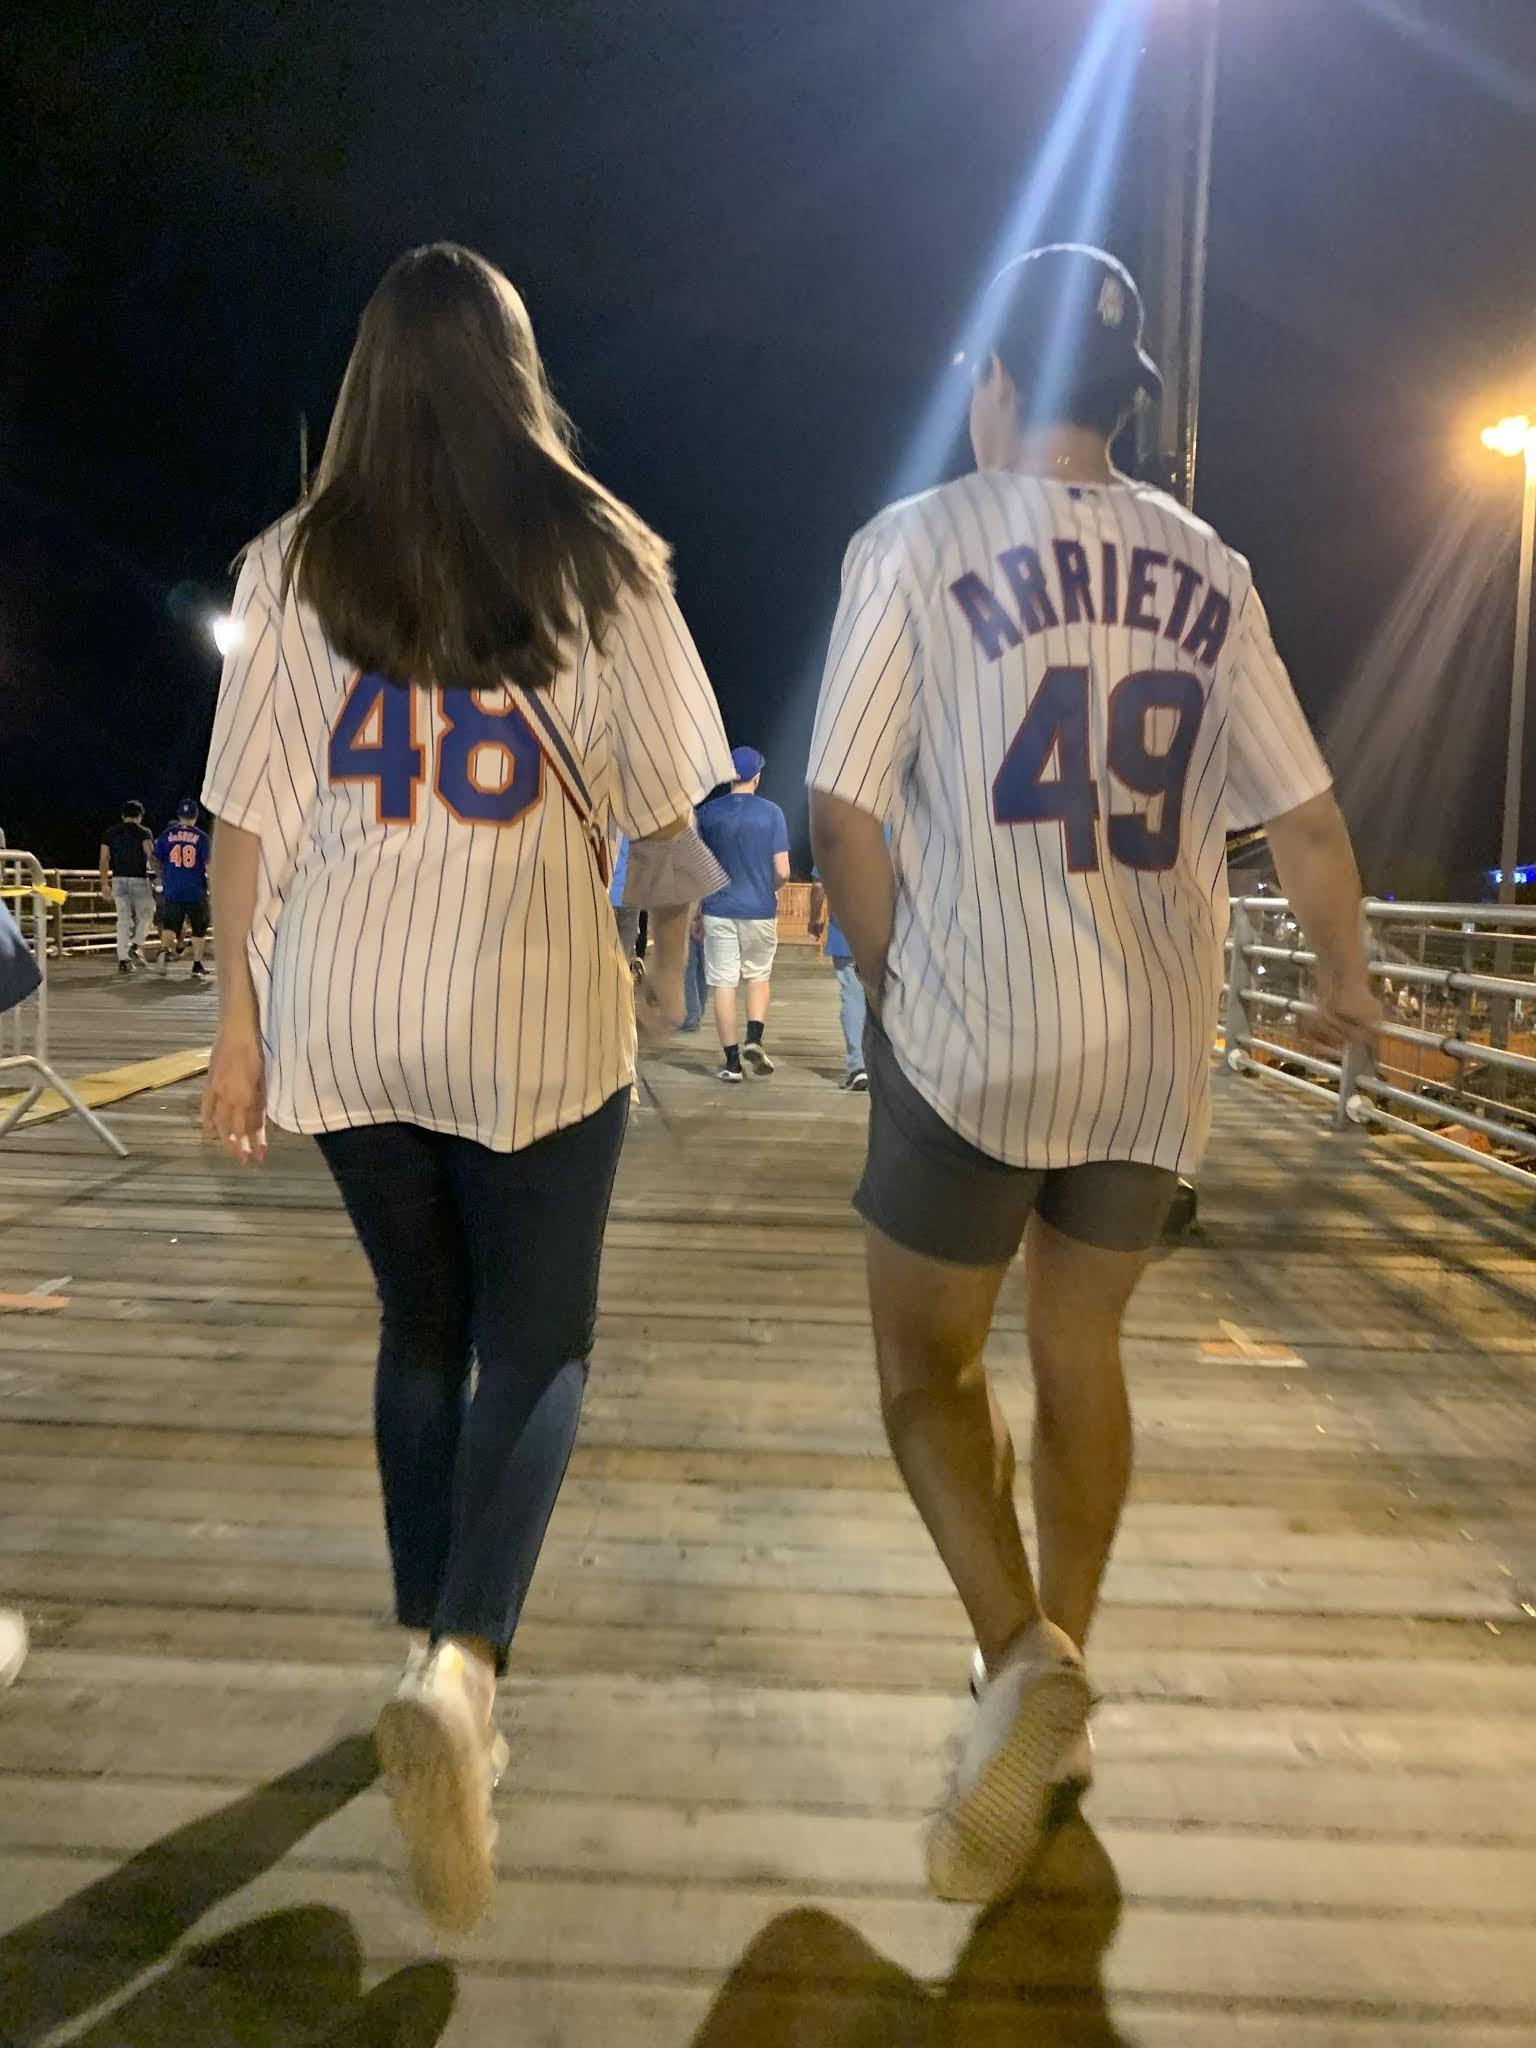 Jerseys, baseball game, mets game, cub game